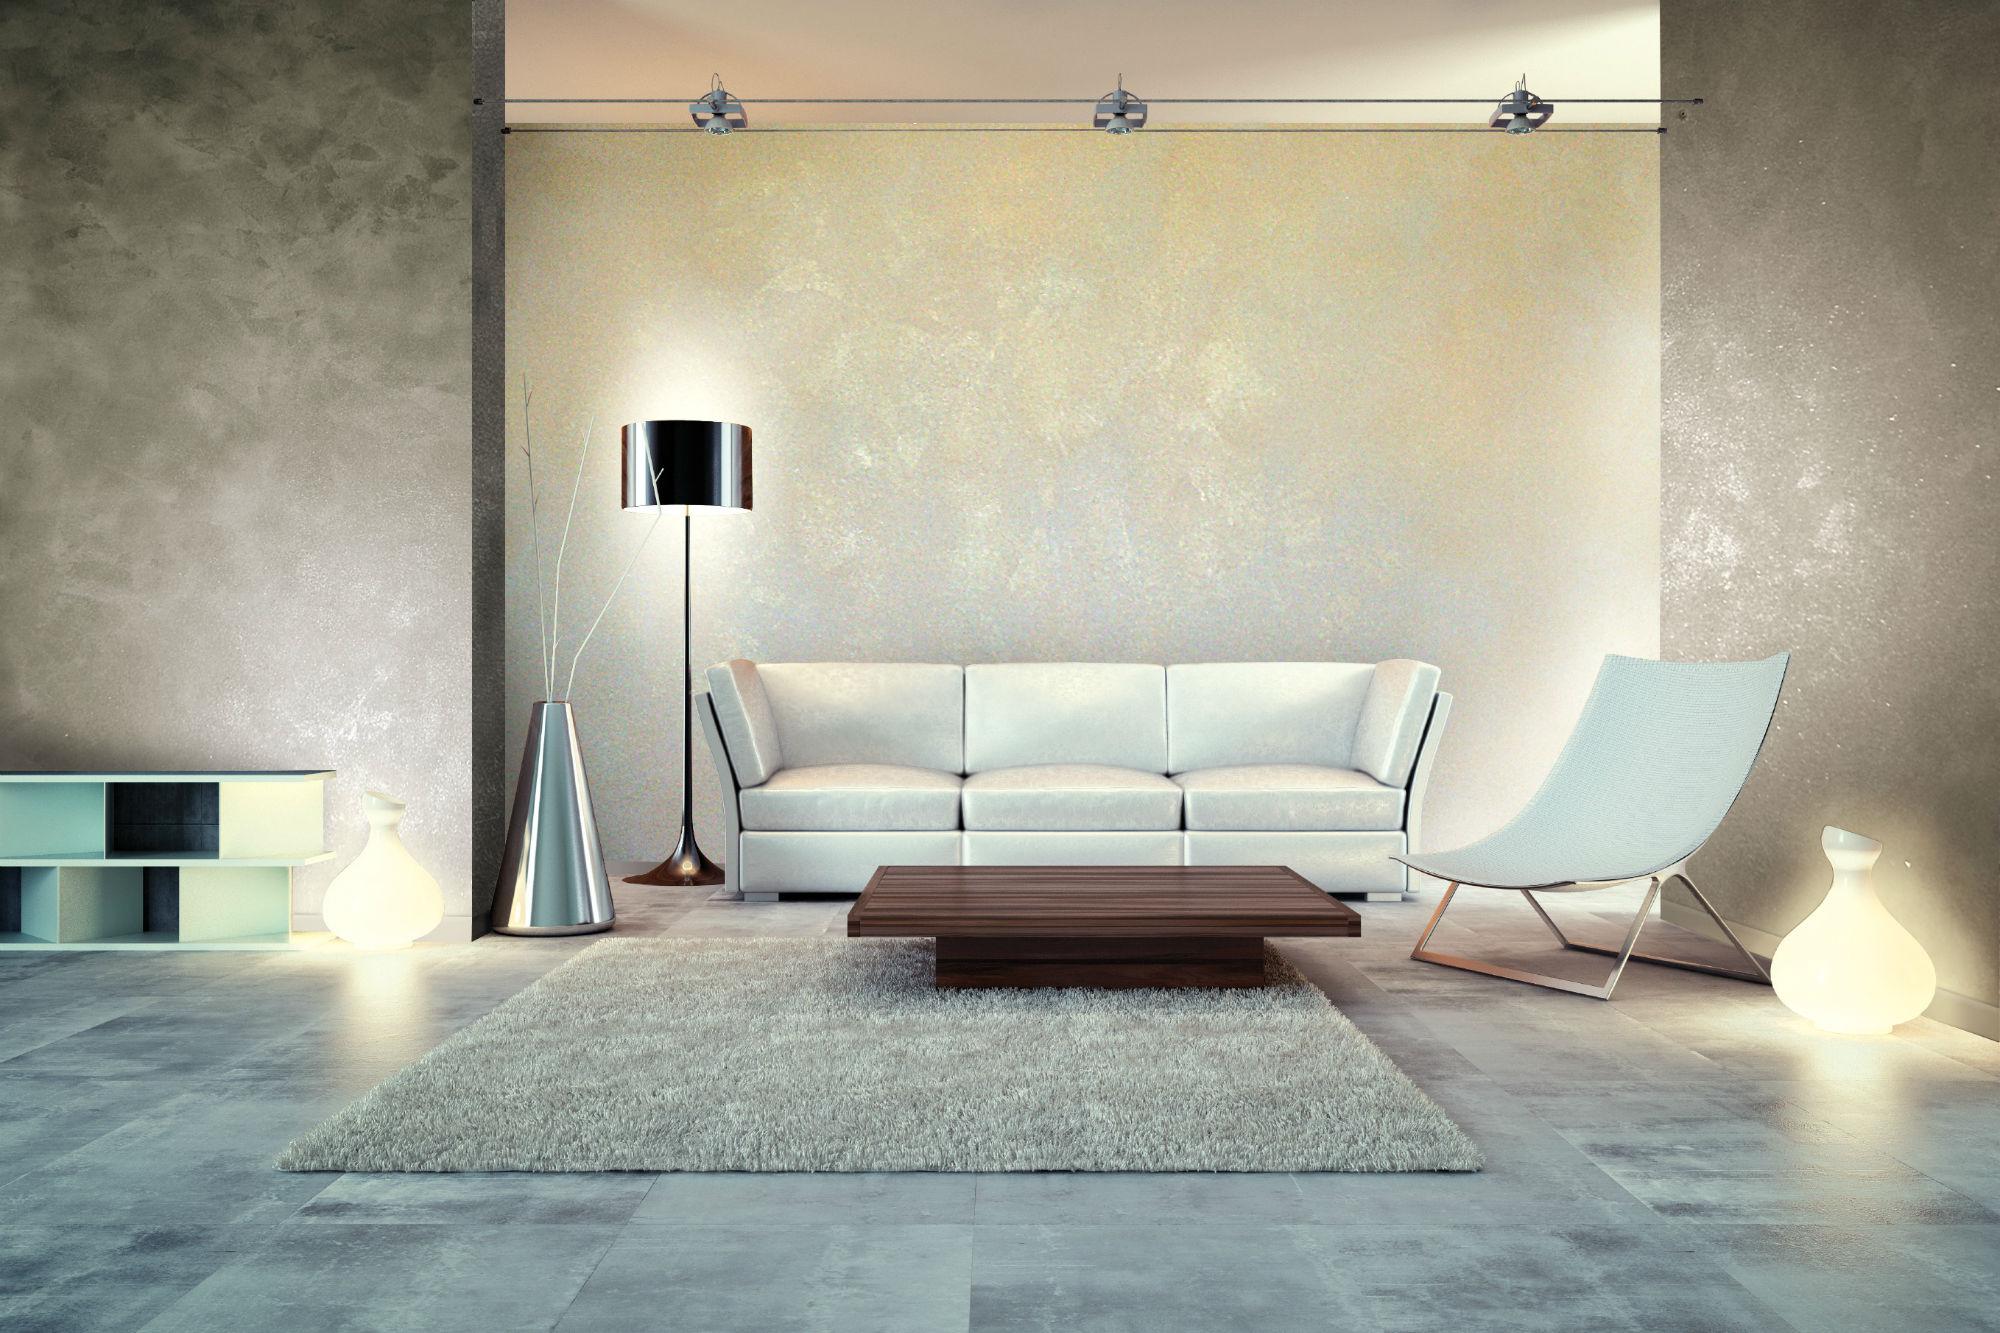 Style dein heim typisch moderne wanddesigns mit und ohne for Lighting for interior design malcolm innes